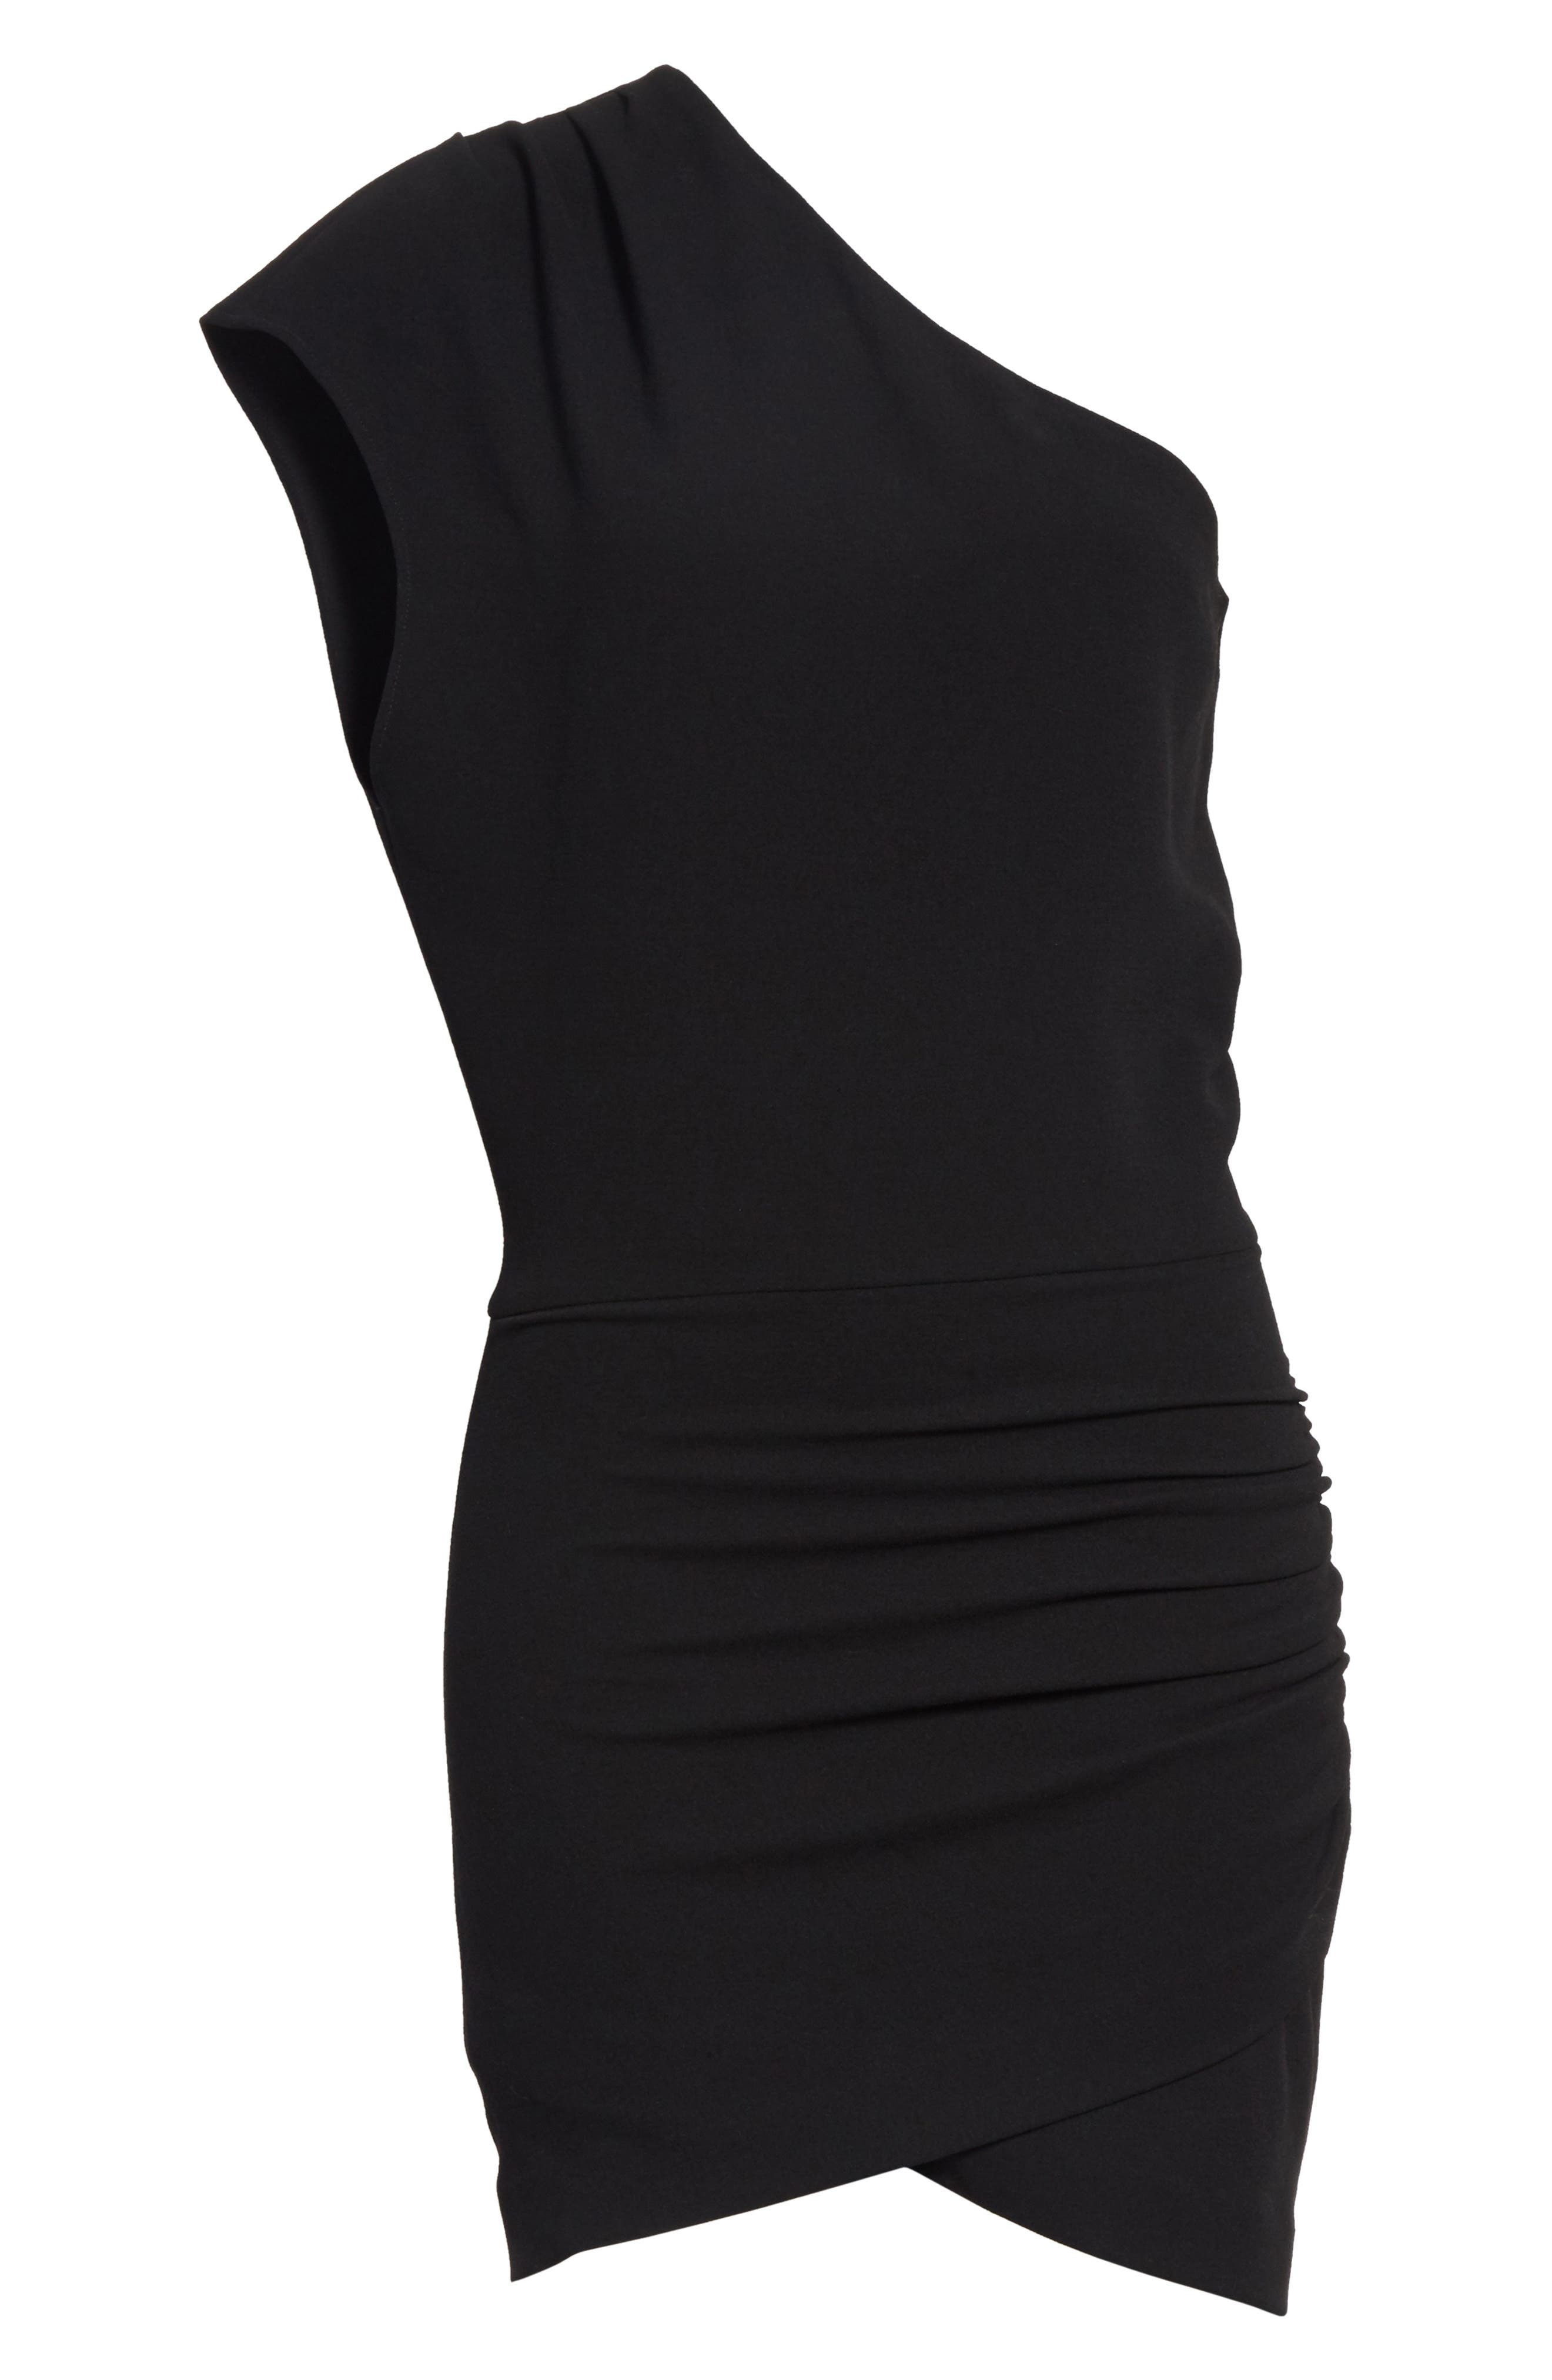 Davov One-Shoulder Envelope Hem Dress,                             Alternate thumbnail 6, color,                             001